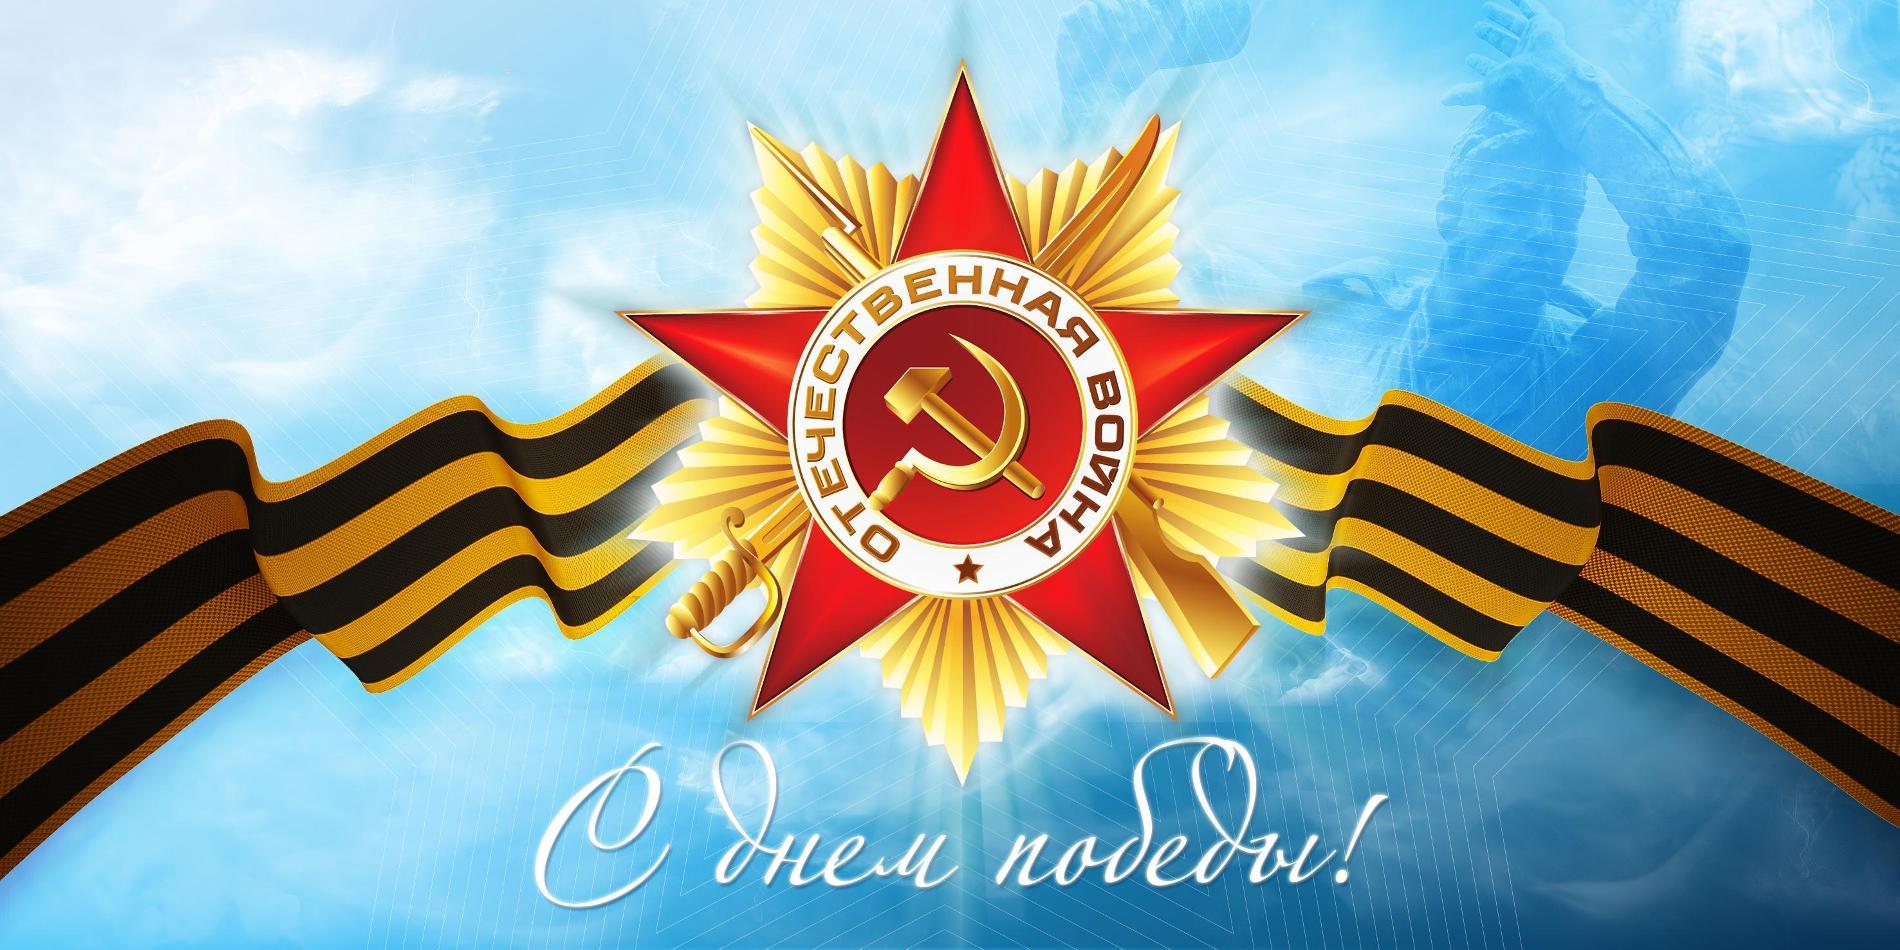 Уважаемые жители Советского района, дорогие фронтовики, труженики тыла!